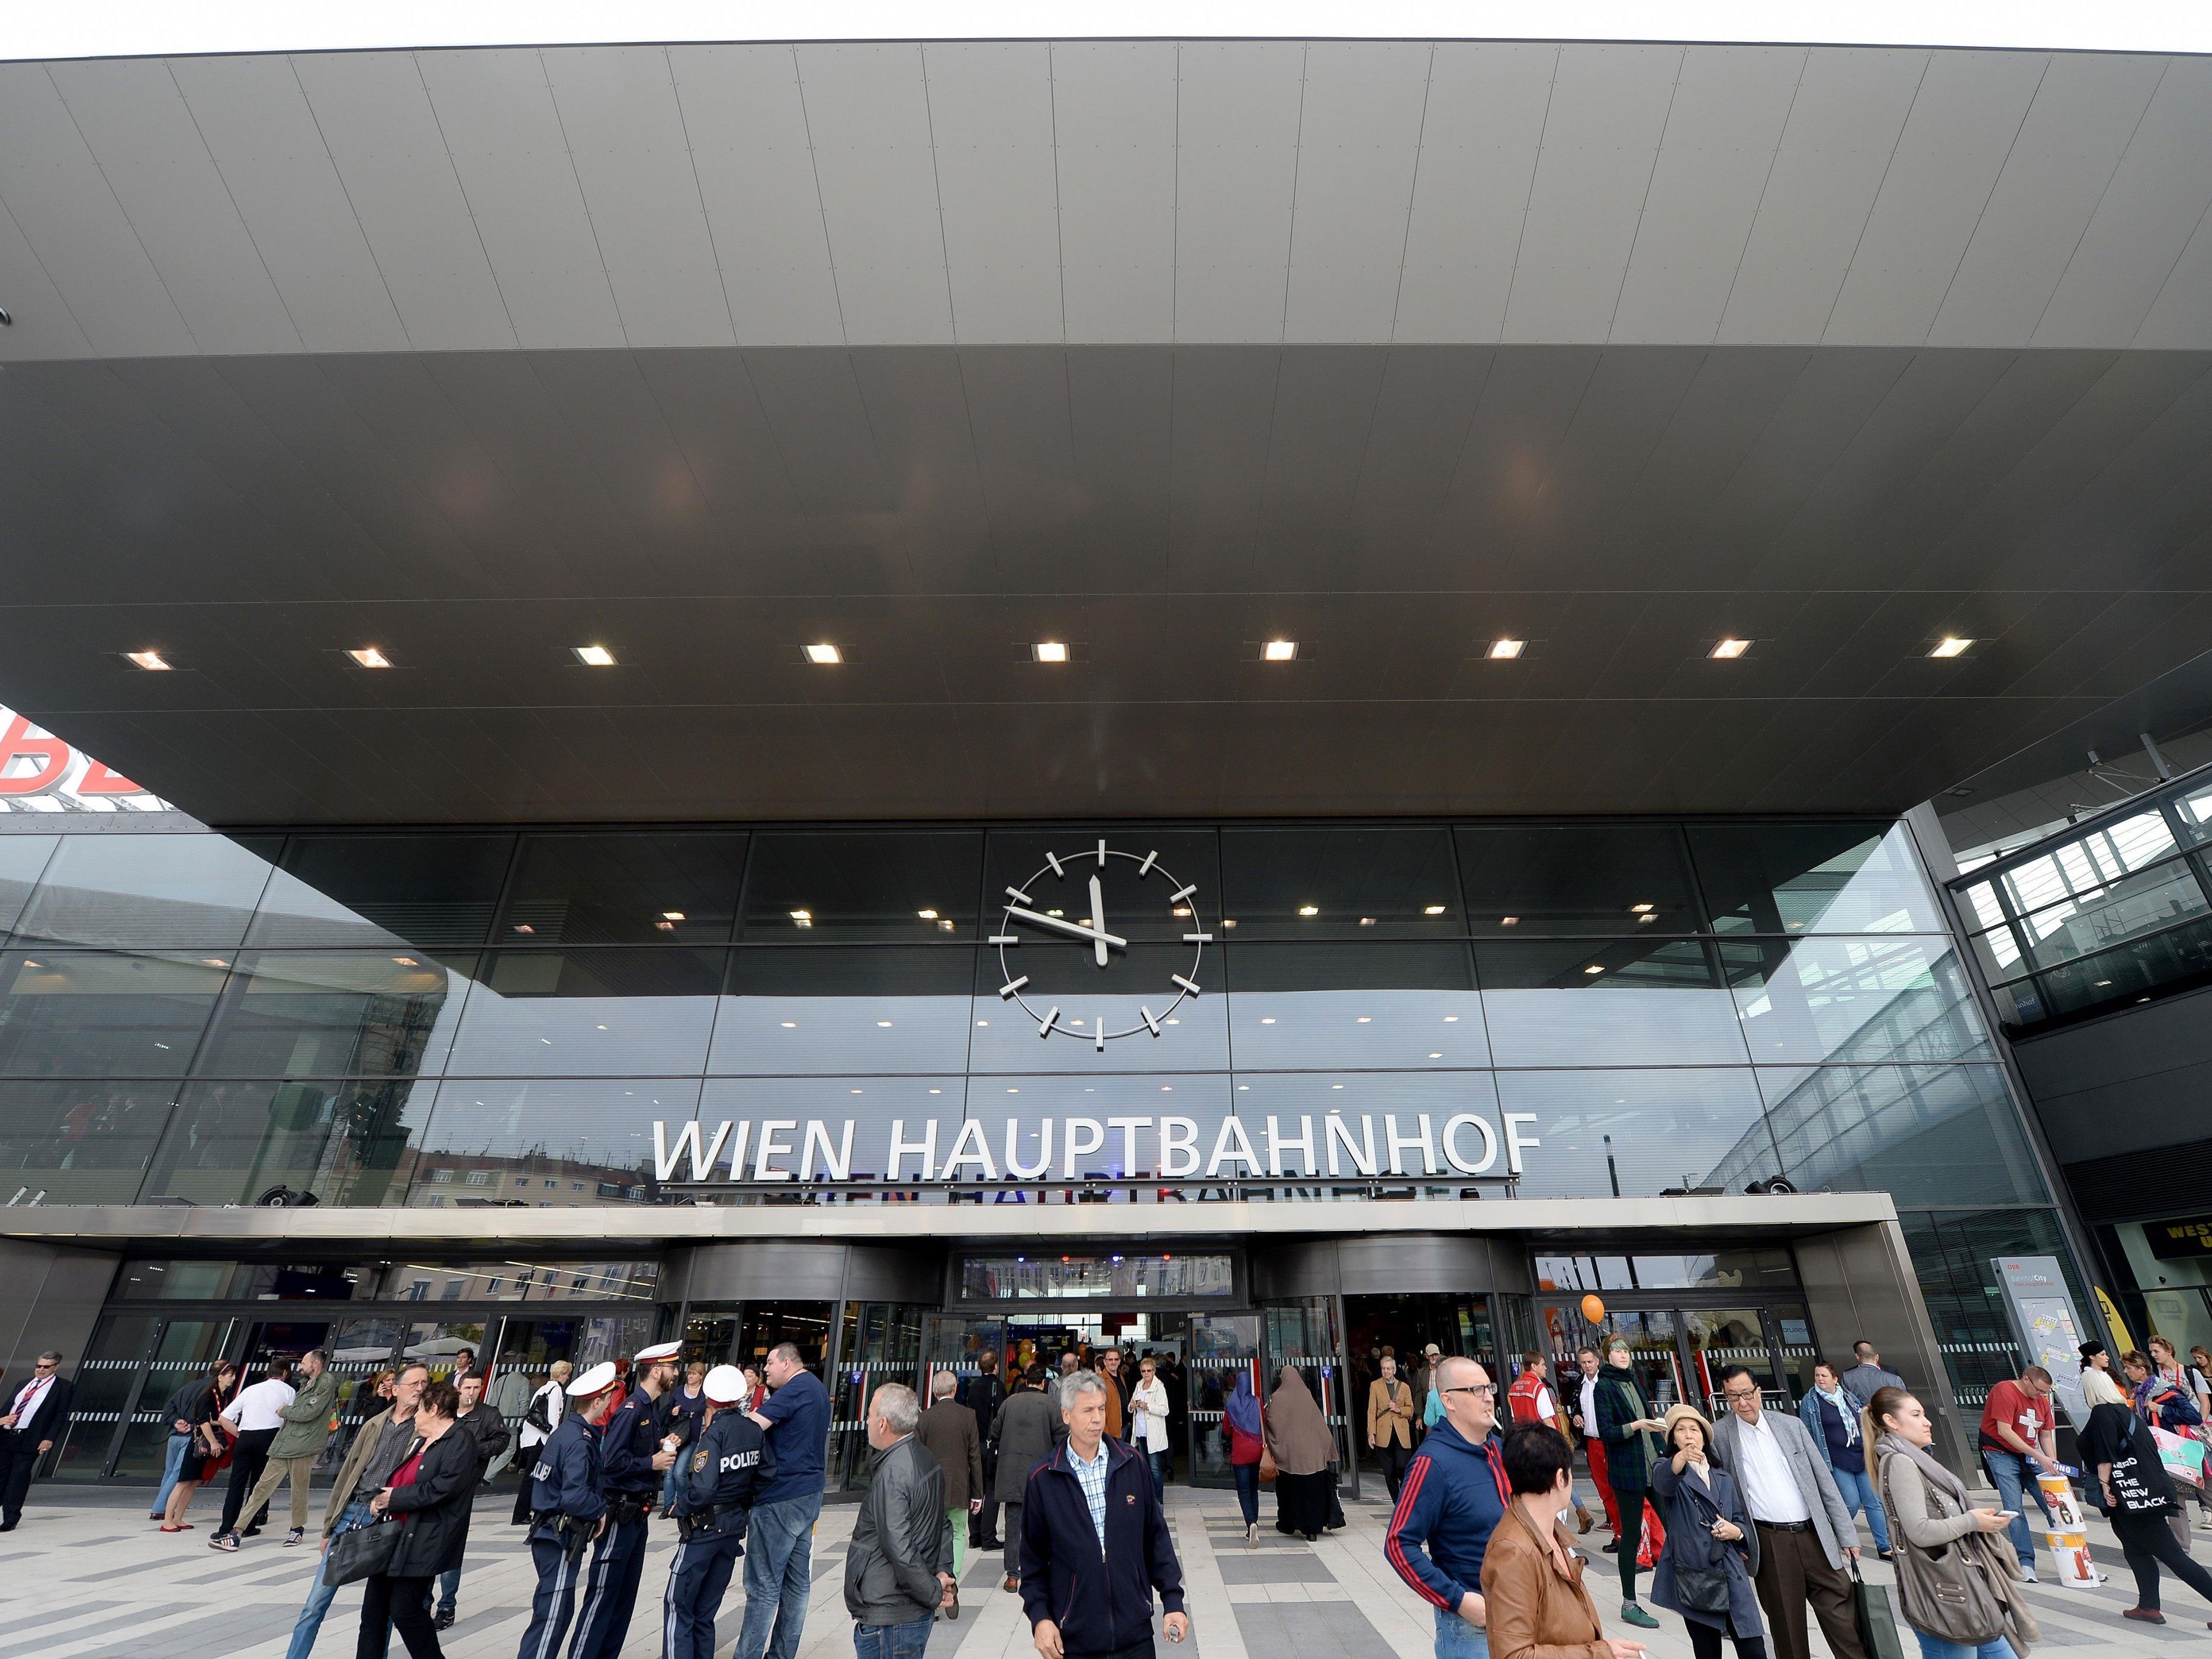 Am Hauptbahnhof kam es zu einer Attacke mit einer Glasflasche